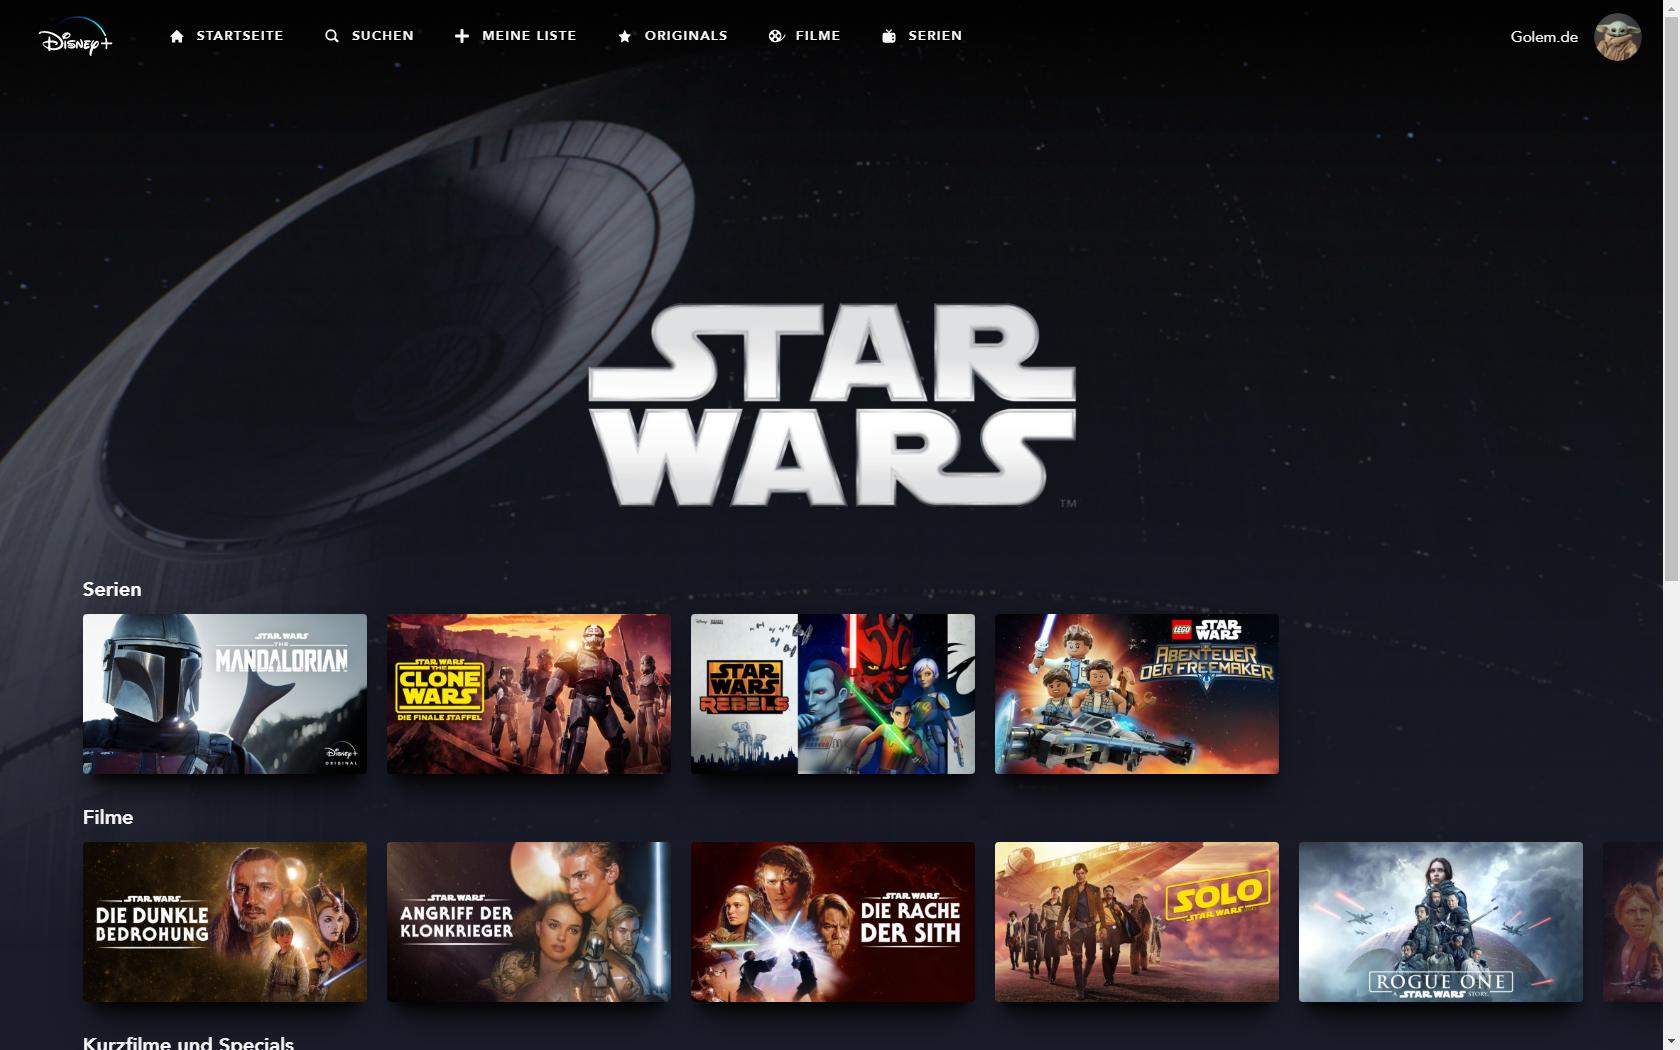 Konkurrenz für Netflix und Prime Video: Disney nennt Filme und Serien für Disney+ in Deutschland - Star-Wars-Rubrik bei Disney+ (Bild: Disney+/Screenshot: Golem.de)